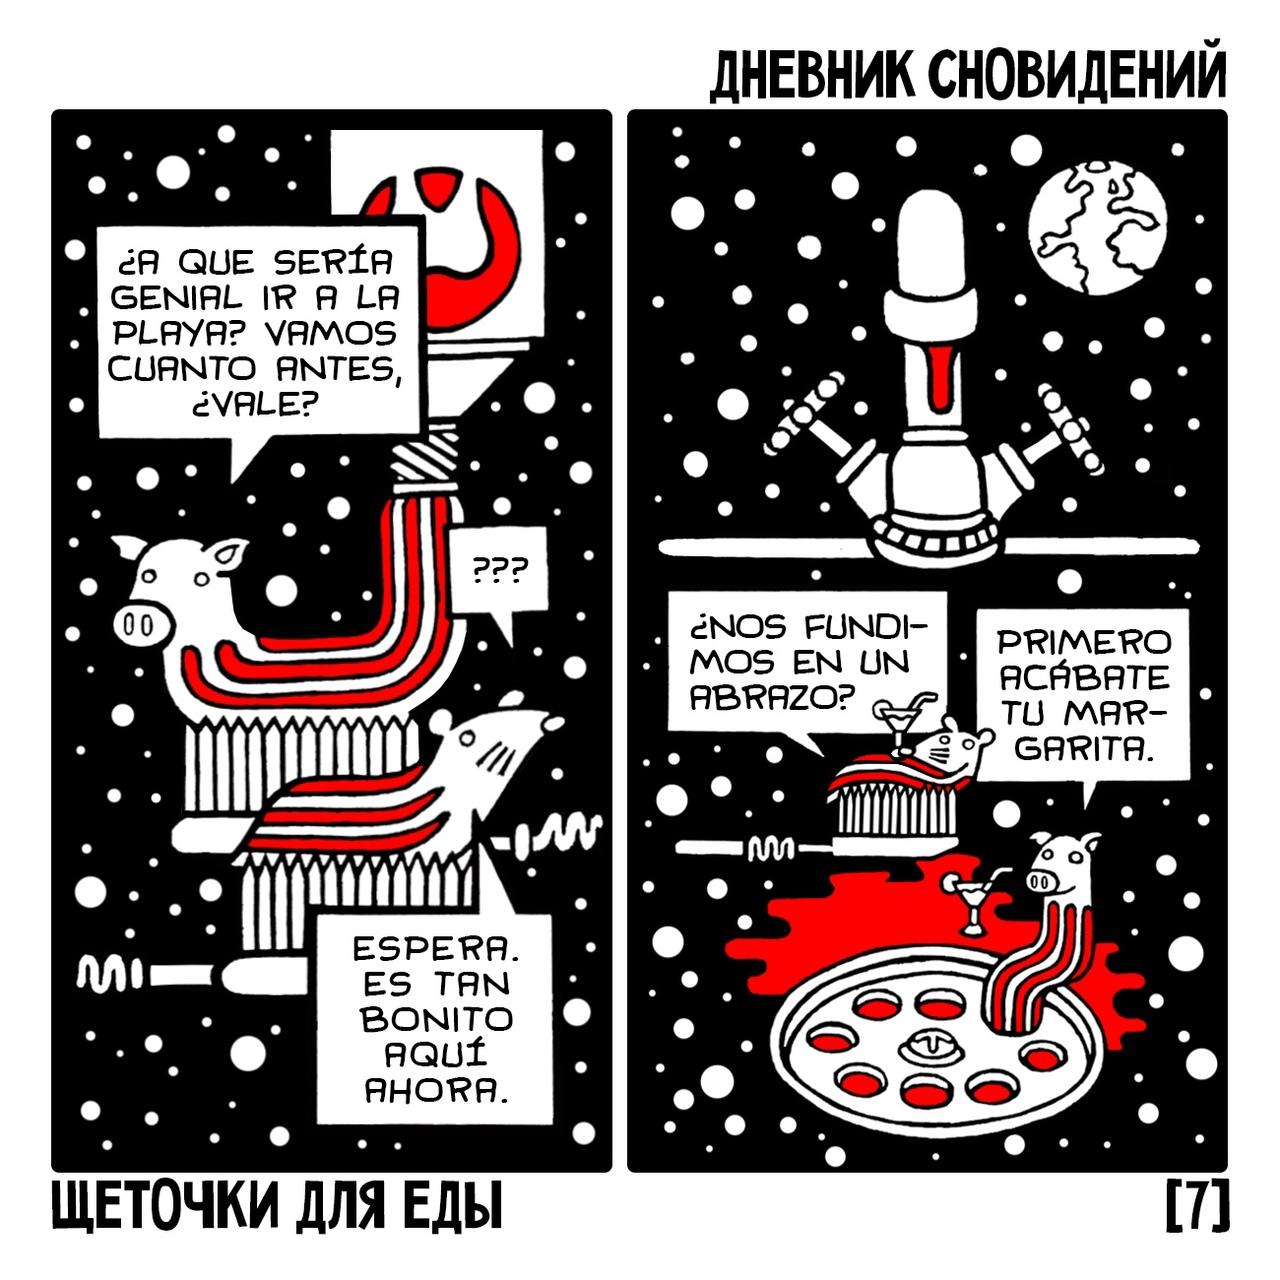 Автор комикса «Поросёнок-Мышь»: оконцепции, вдохновении и фантастики 8